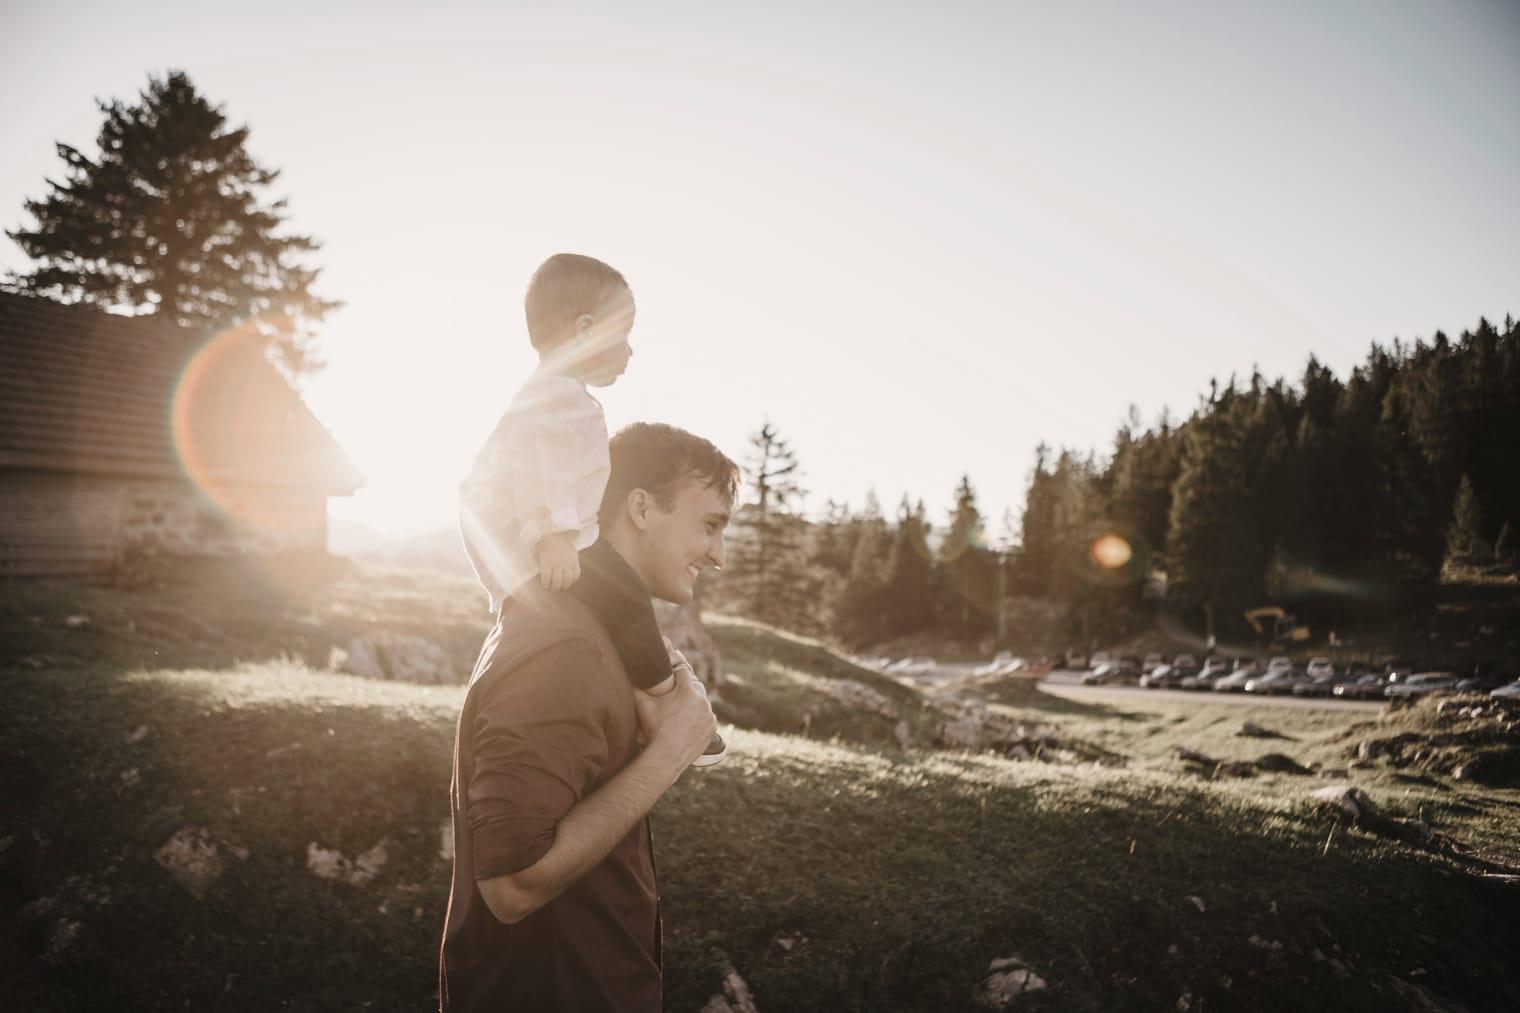 Un uomo porta un bambino piccolo sulle spalle